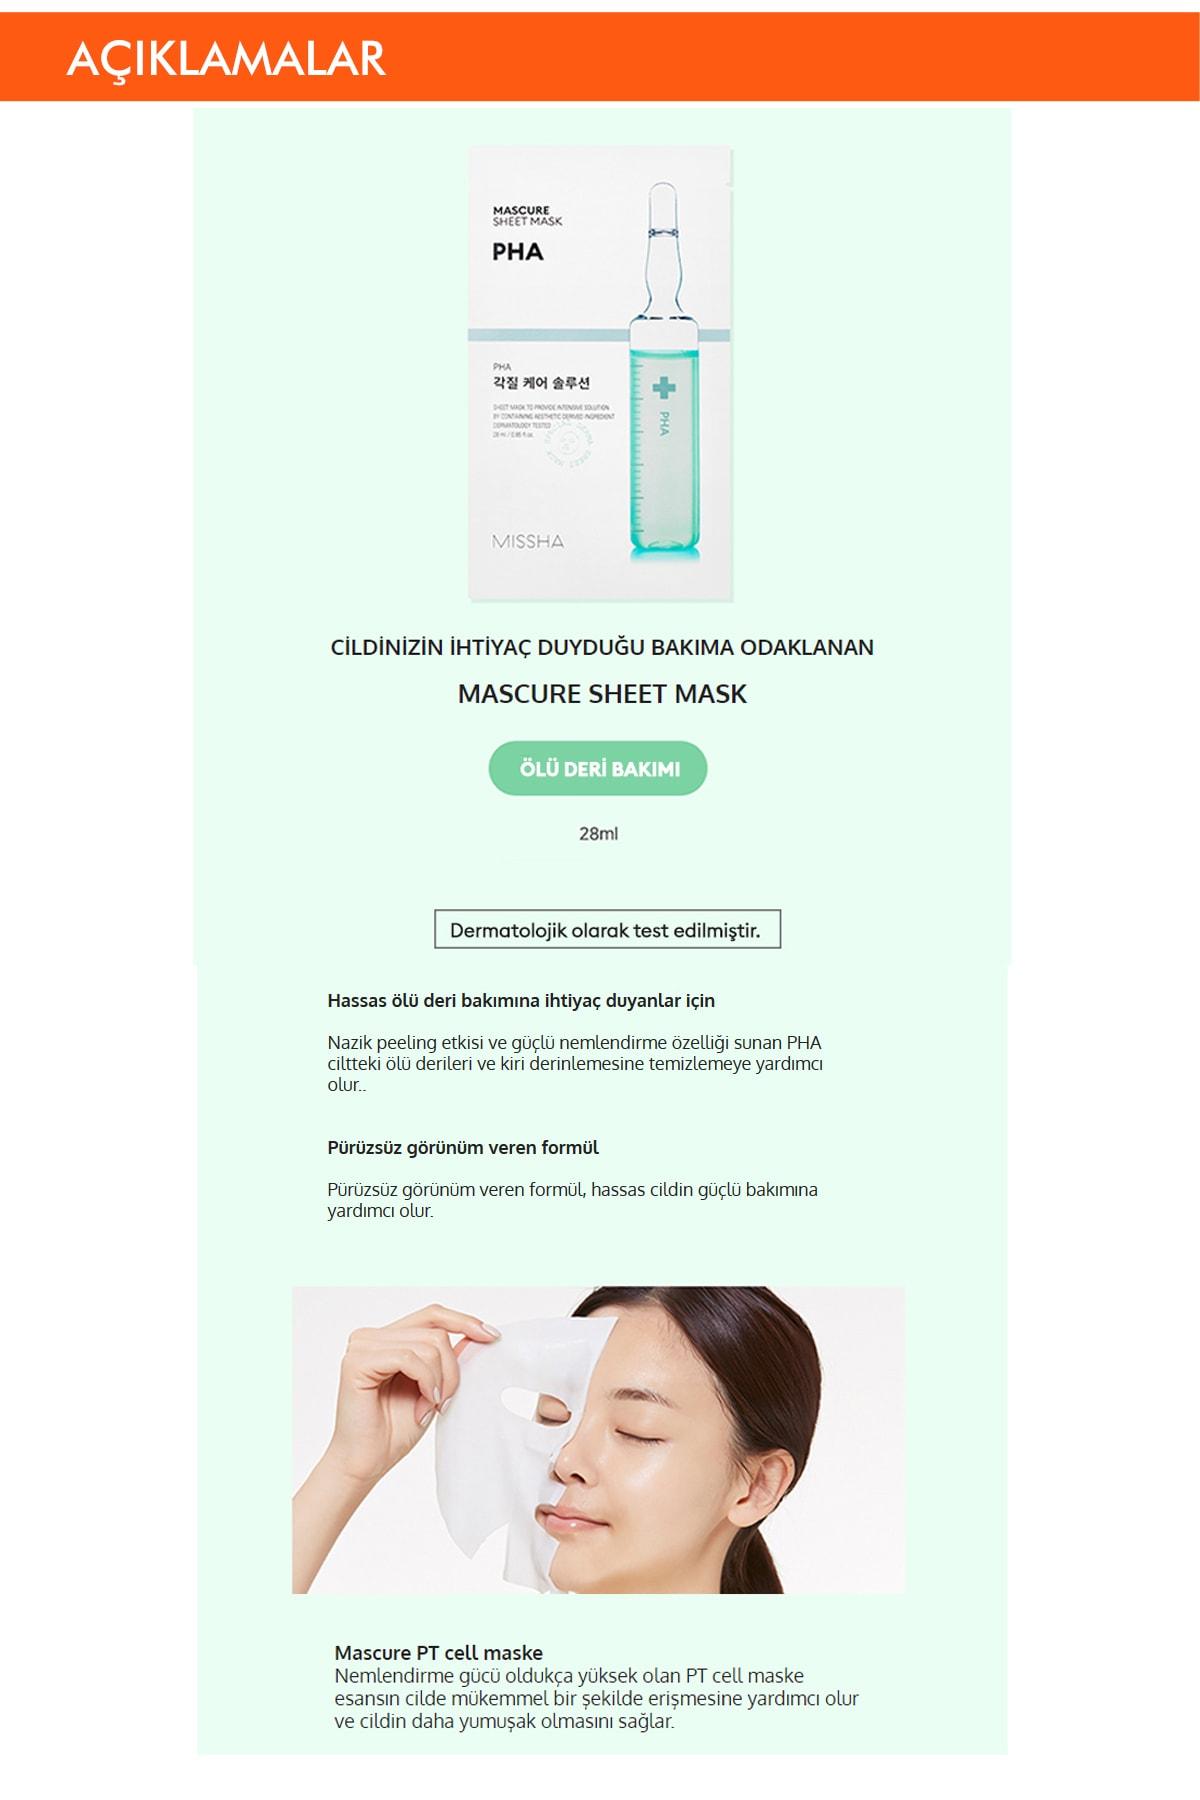 Missha Pha Ölü Deri Arındırıcı Yaprak Maske (1ad) Mascure Peeling Solution Sheet Mask 1